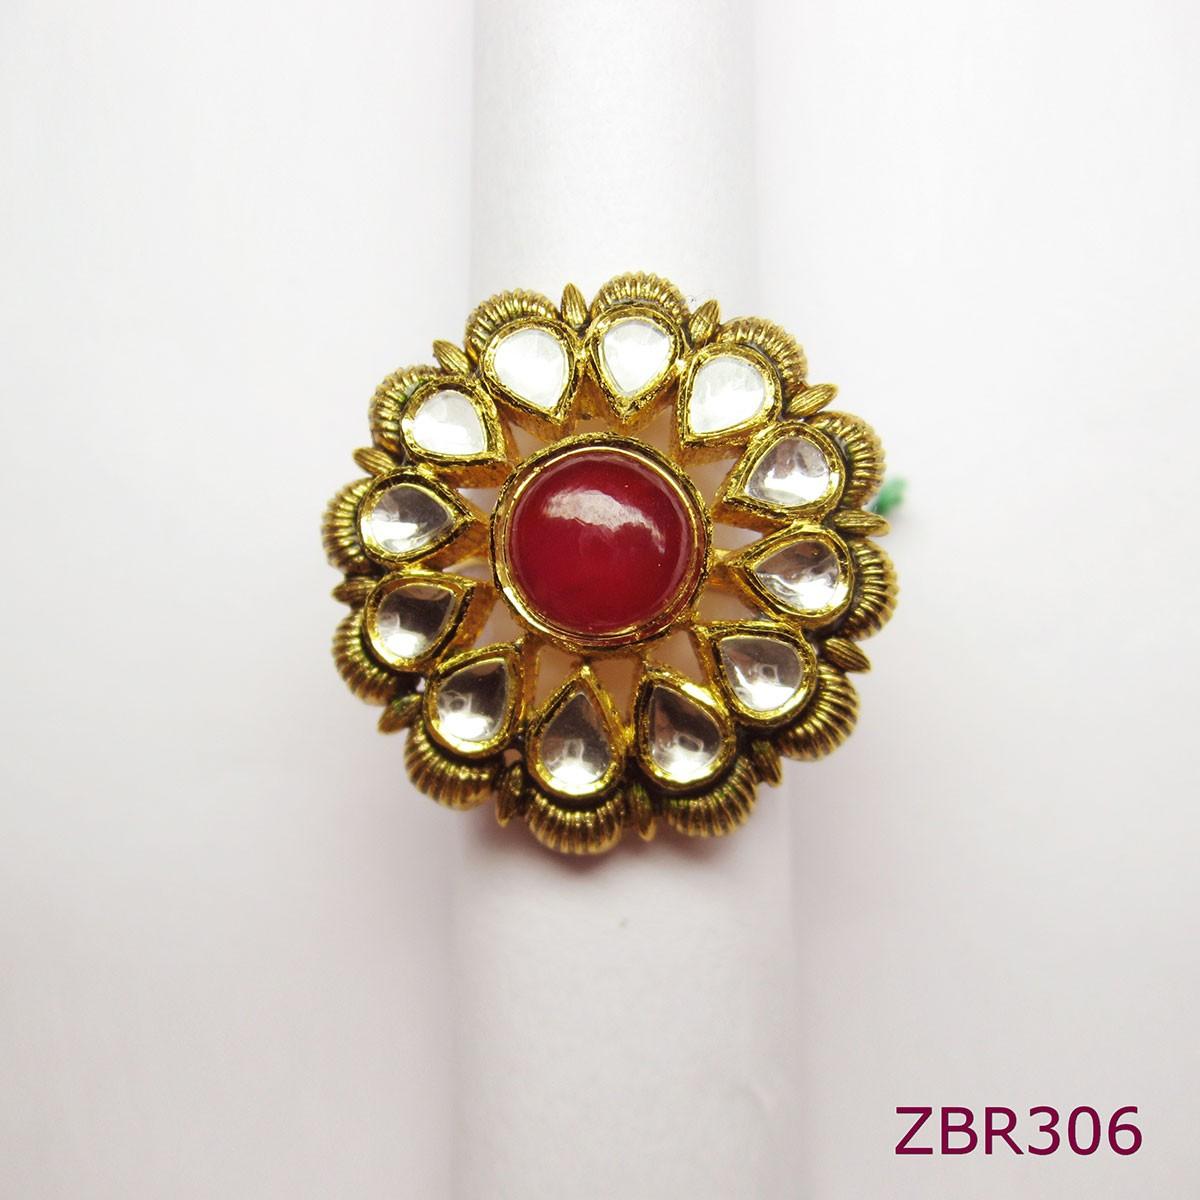 ZBR306